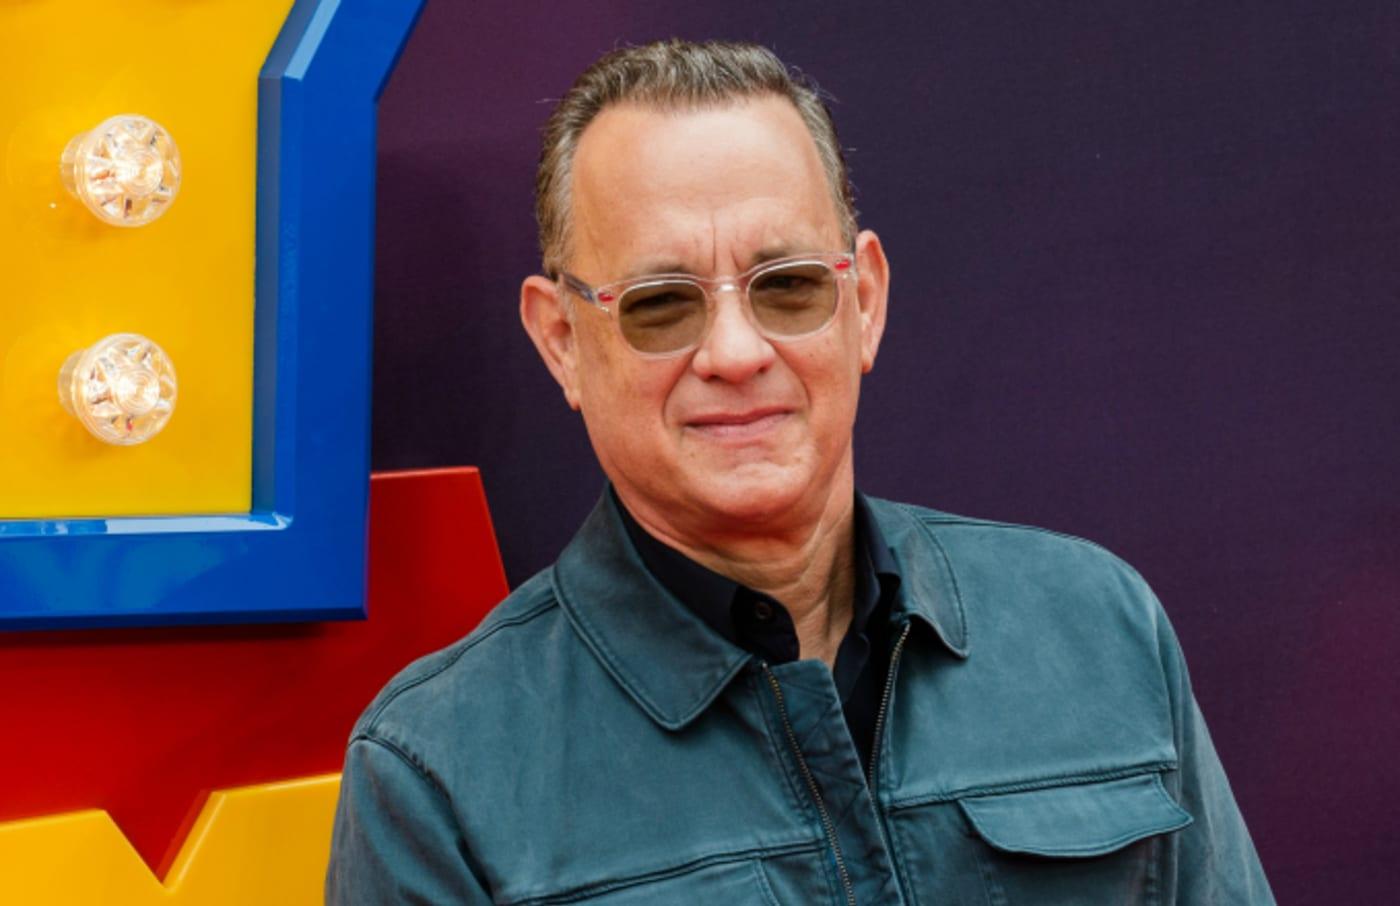 Tom Hanks arrives for the European film premiere